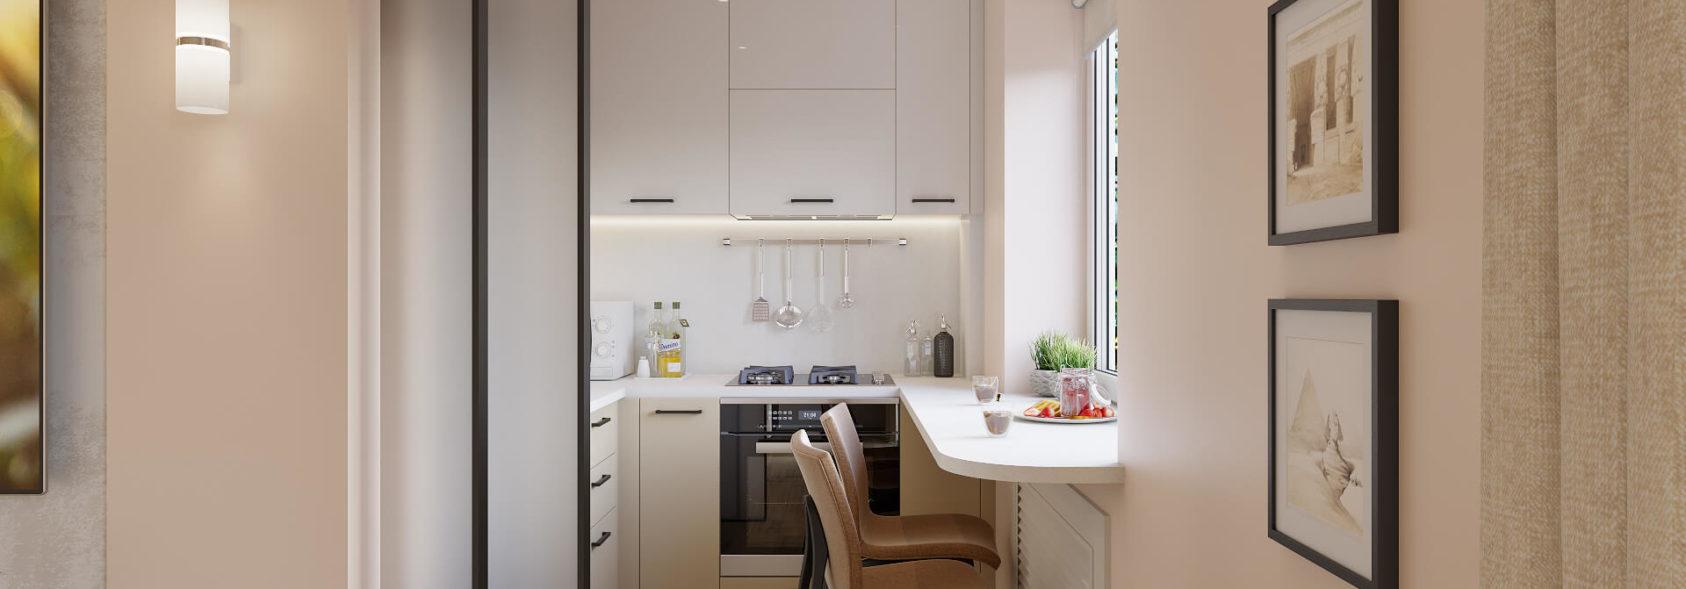 Кухня в дизайне двухкомнатной квартиры (Днепр)